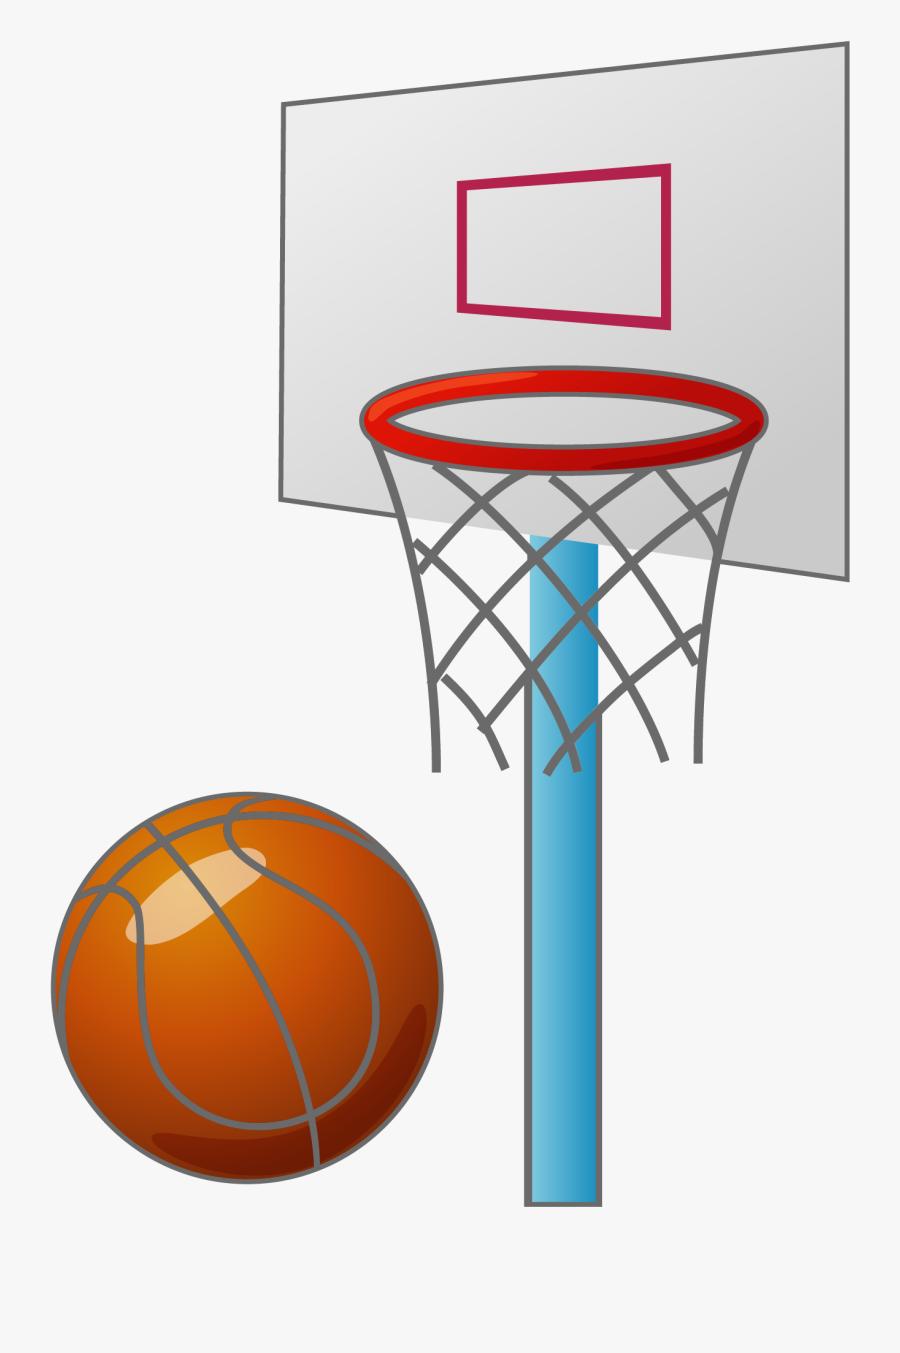 Cartoon Basketball Backboard Basketball Court - Box Basketball Png, Transparent Clipart